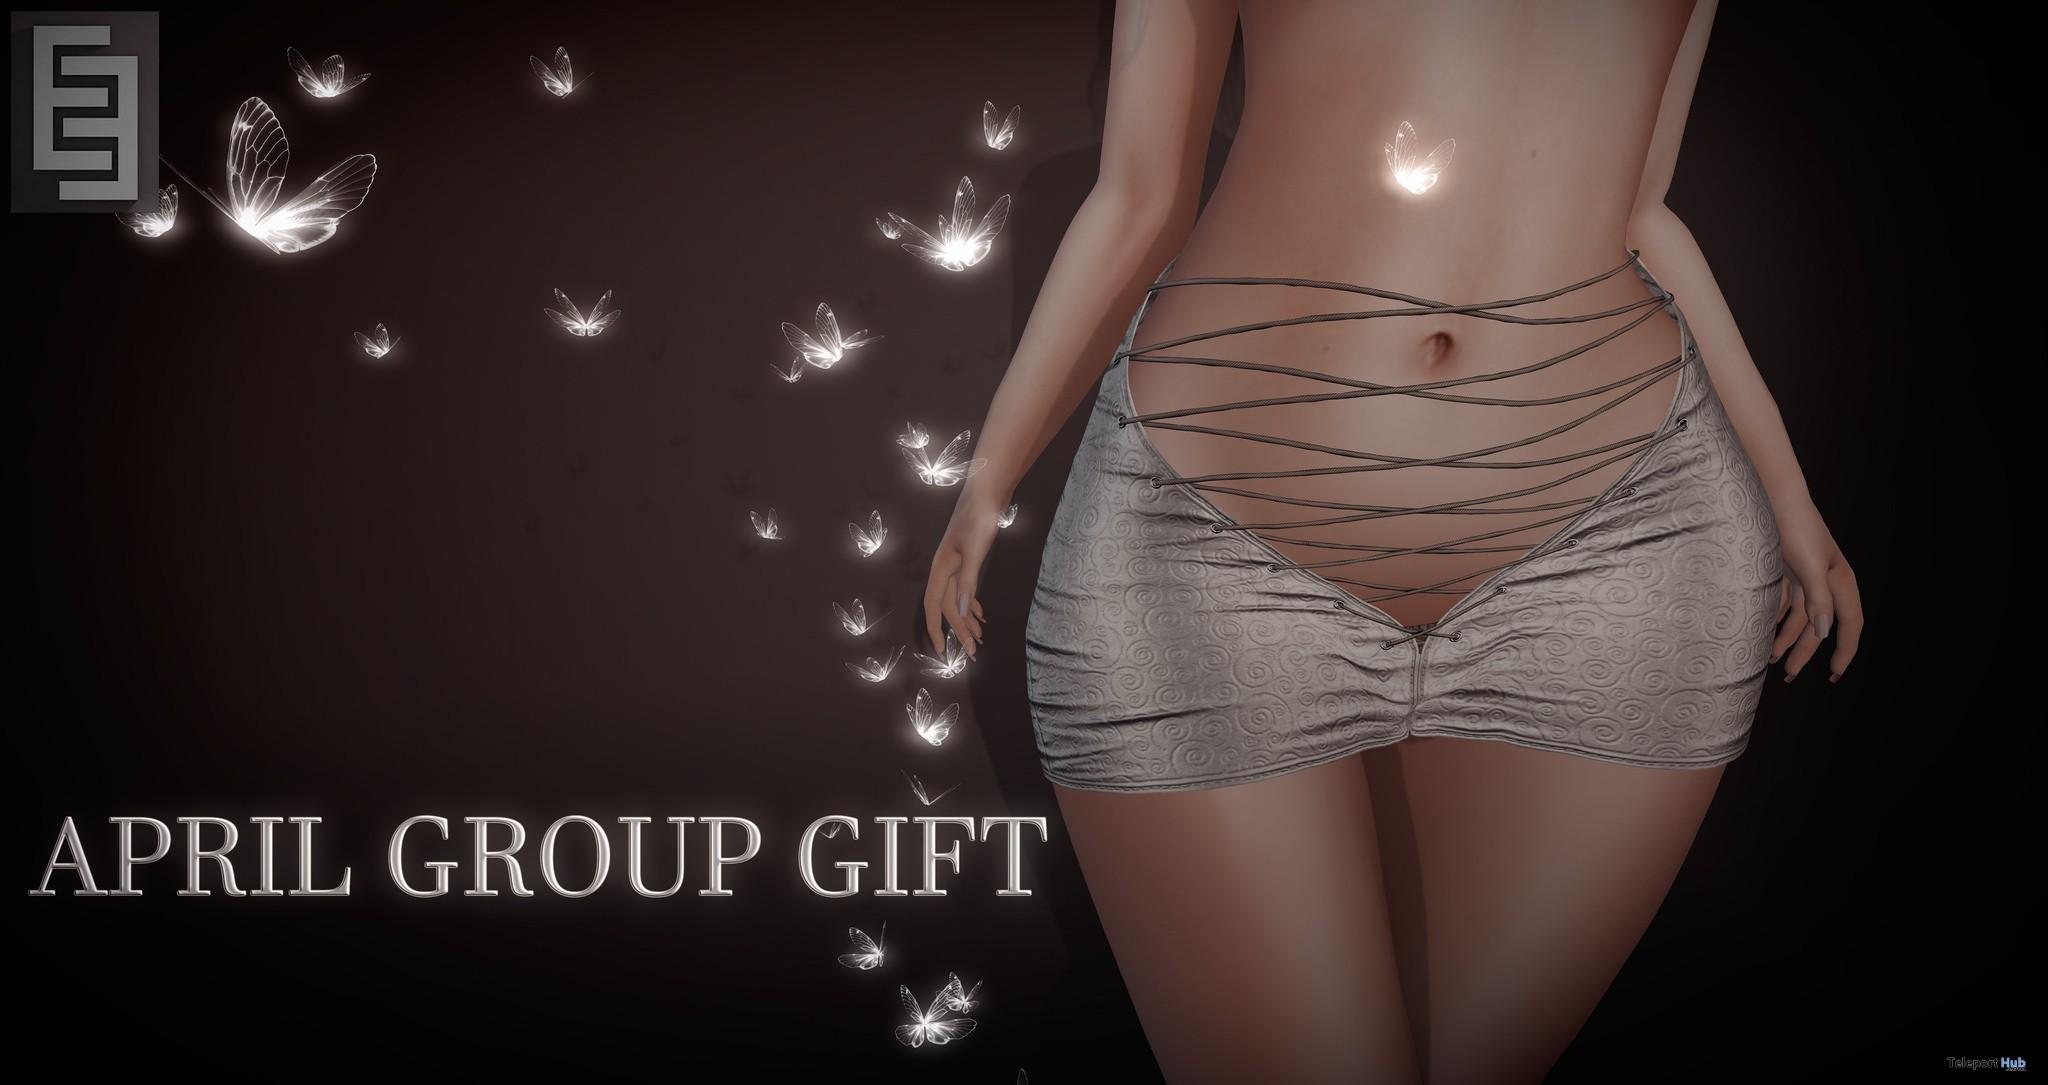 Skirt V1 Beige April 2018 Group Gift by Elven Elder - Teleport Hub - teleporthub.com